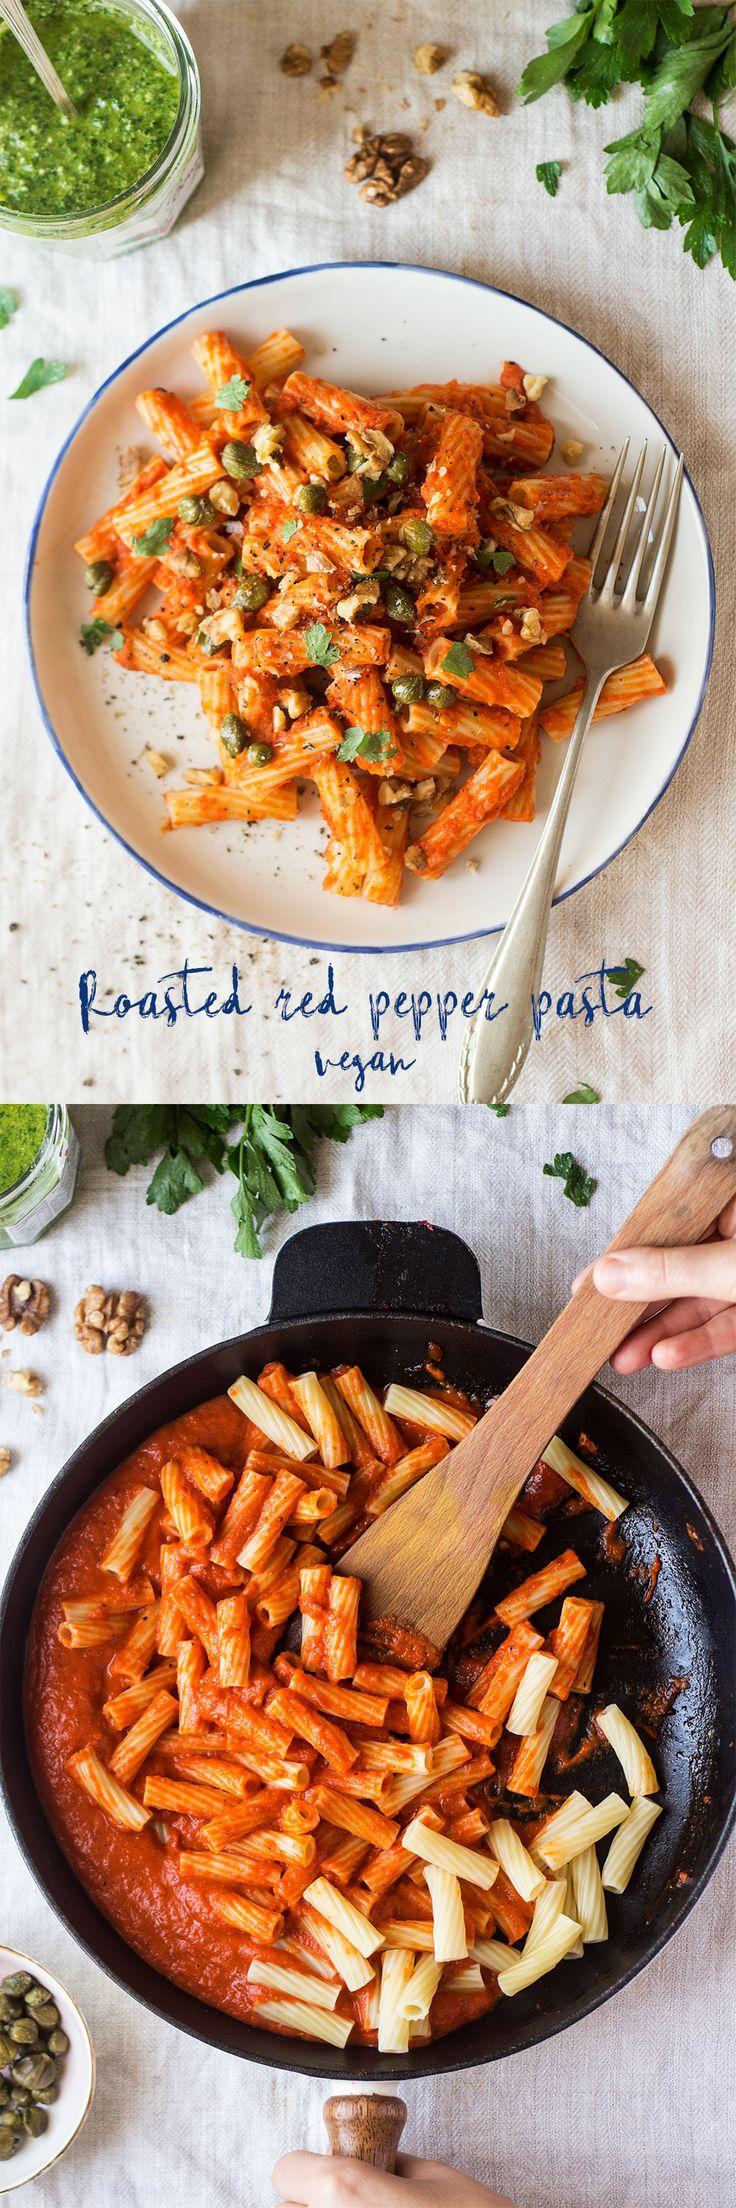 #pasta #redpepper #vegan #easy #healthy #greek #italian #lunch #dinner